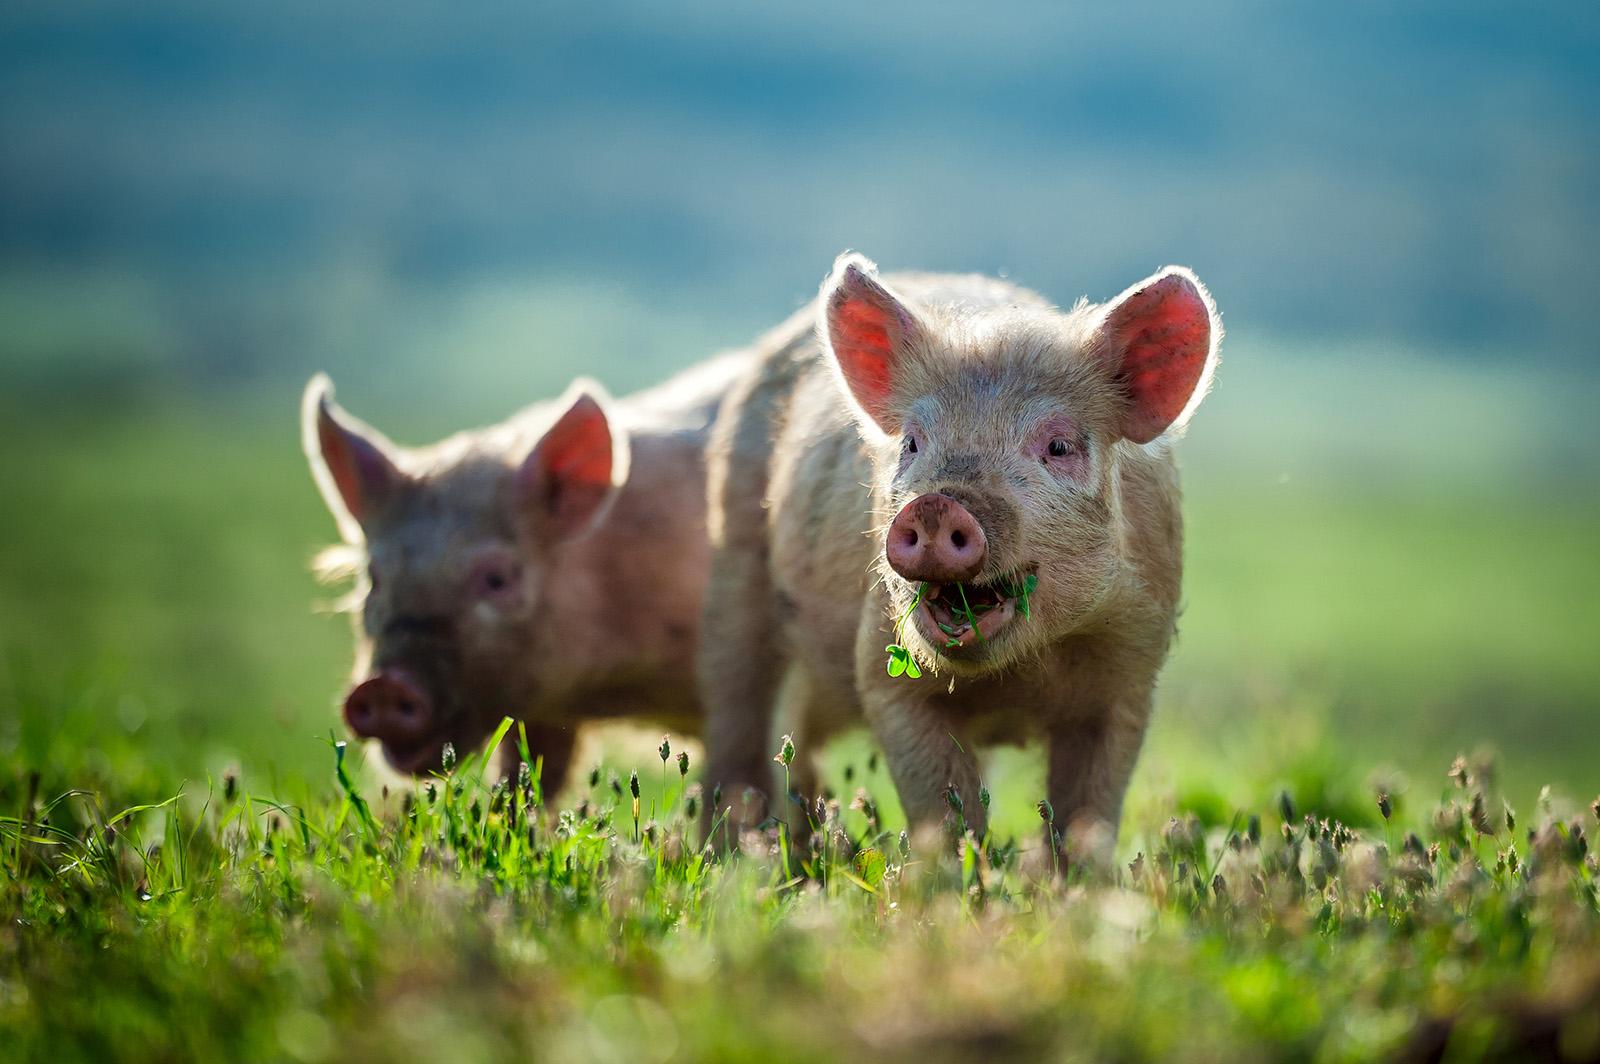 Tierrechte: Warum sollten Tiere Rechte haben?